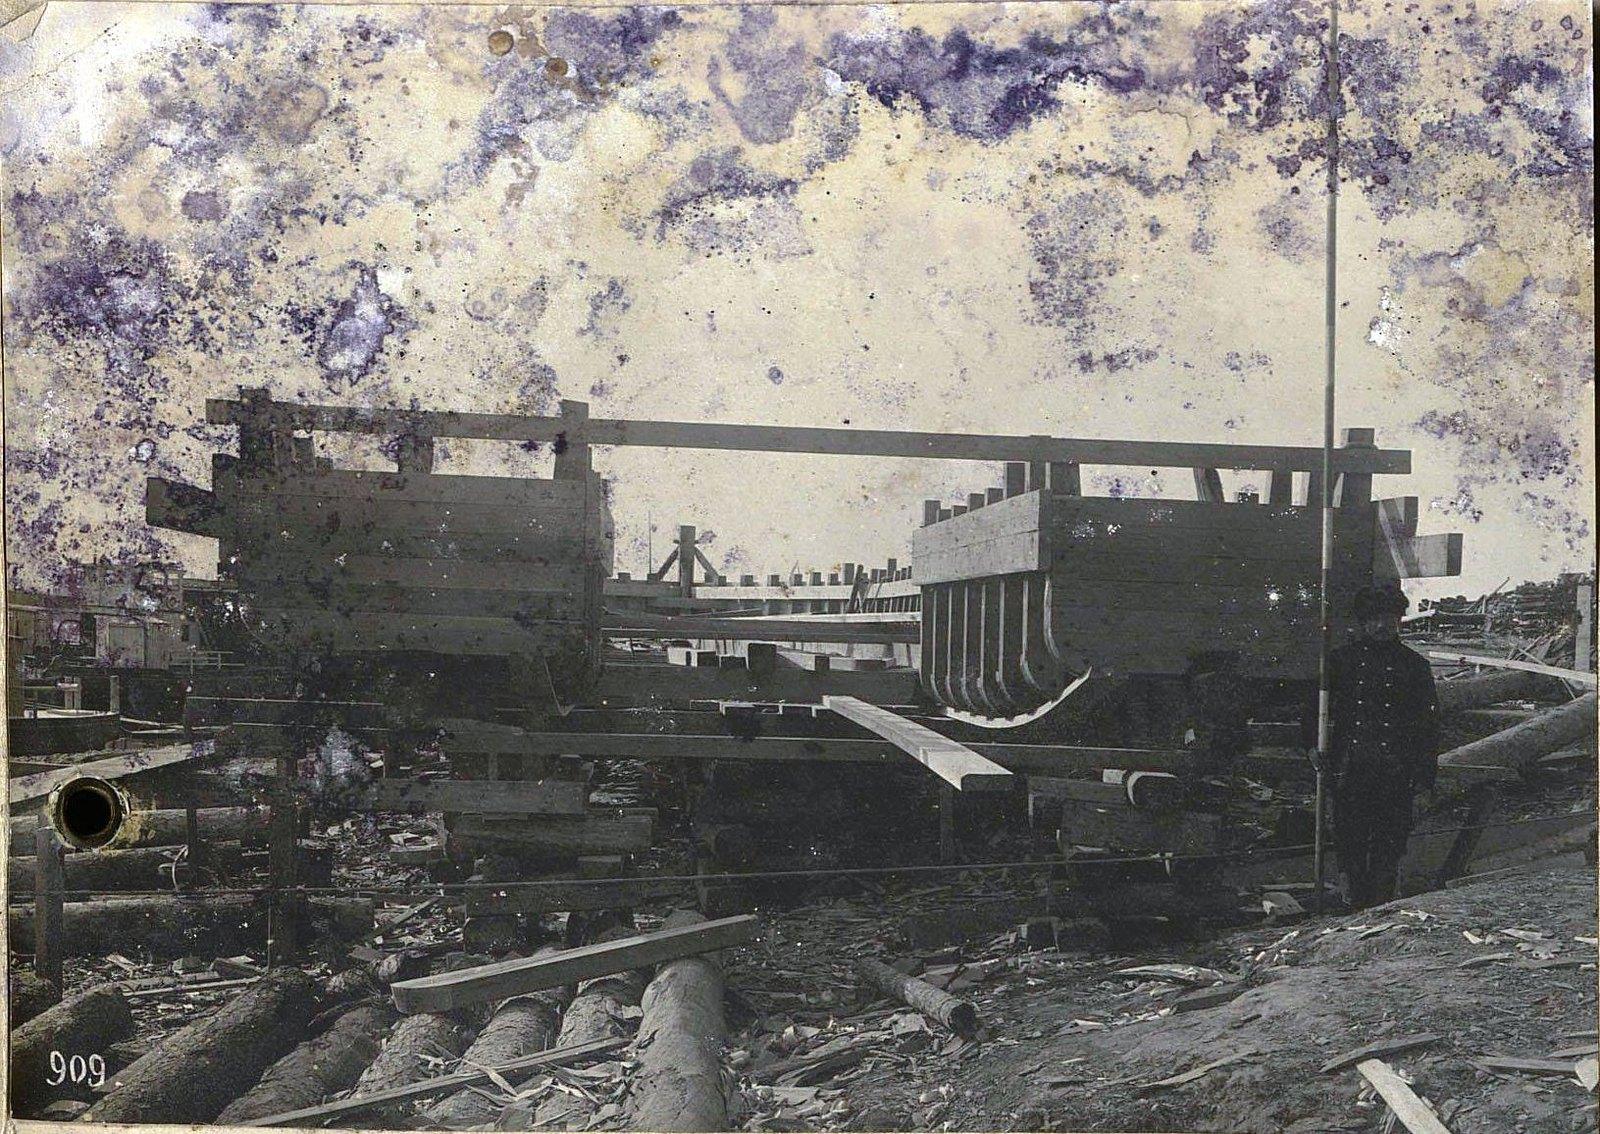 909. Участок строительства кораблей